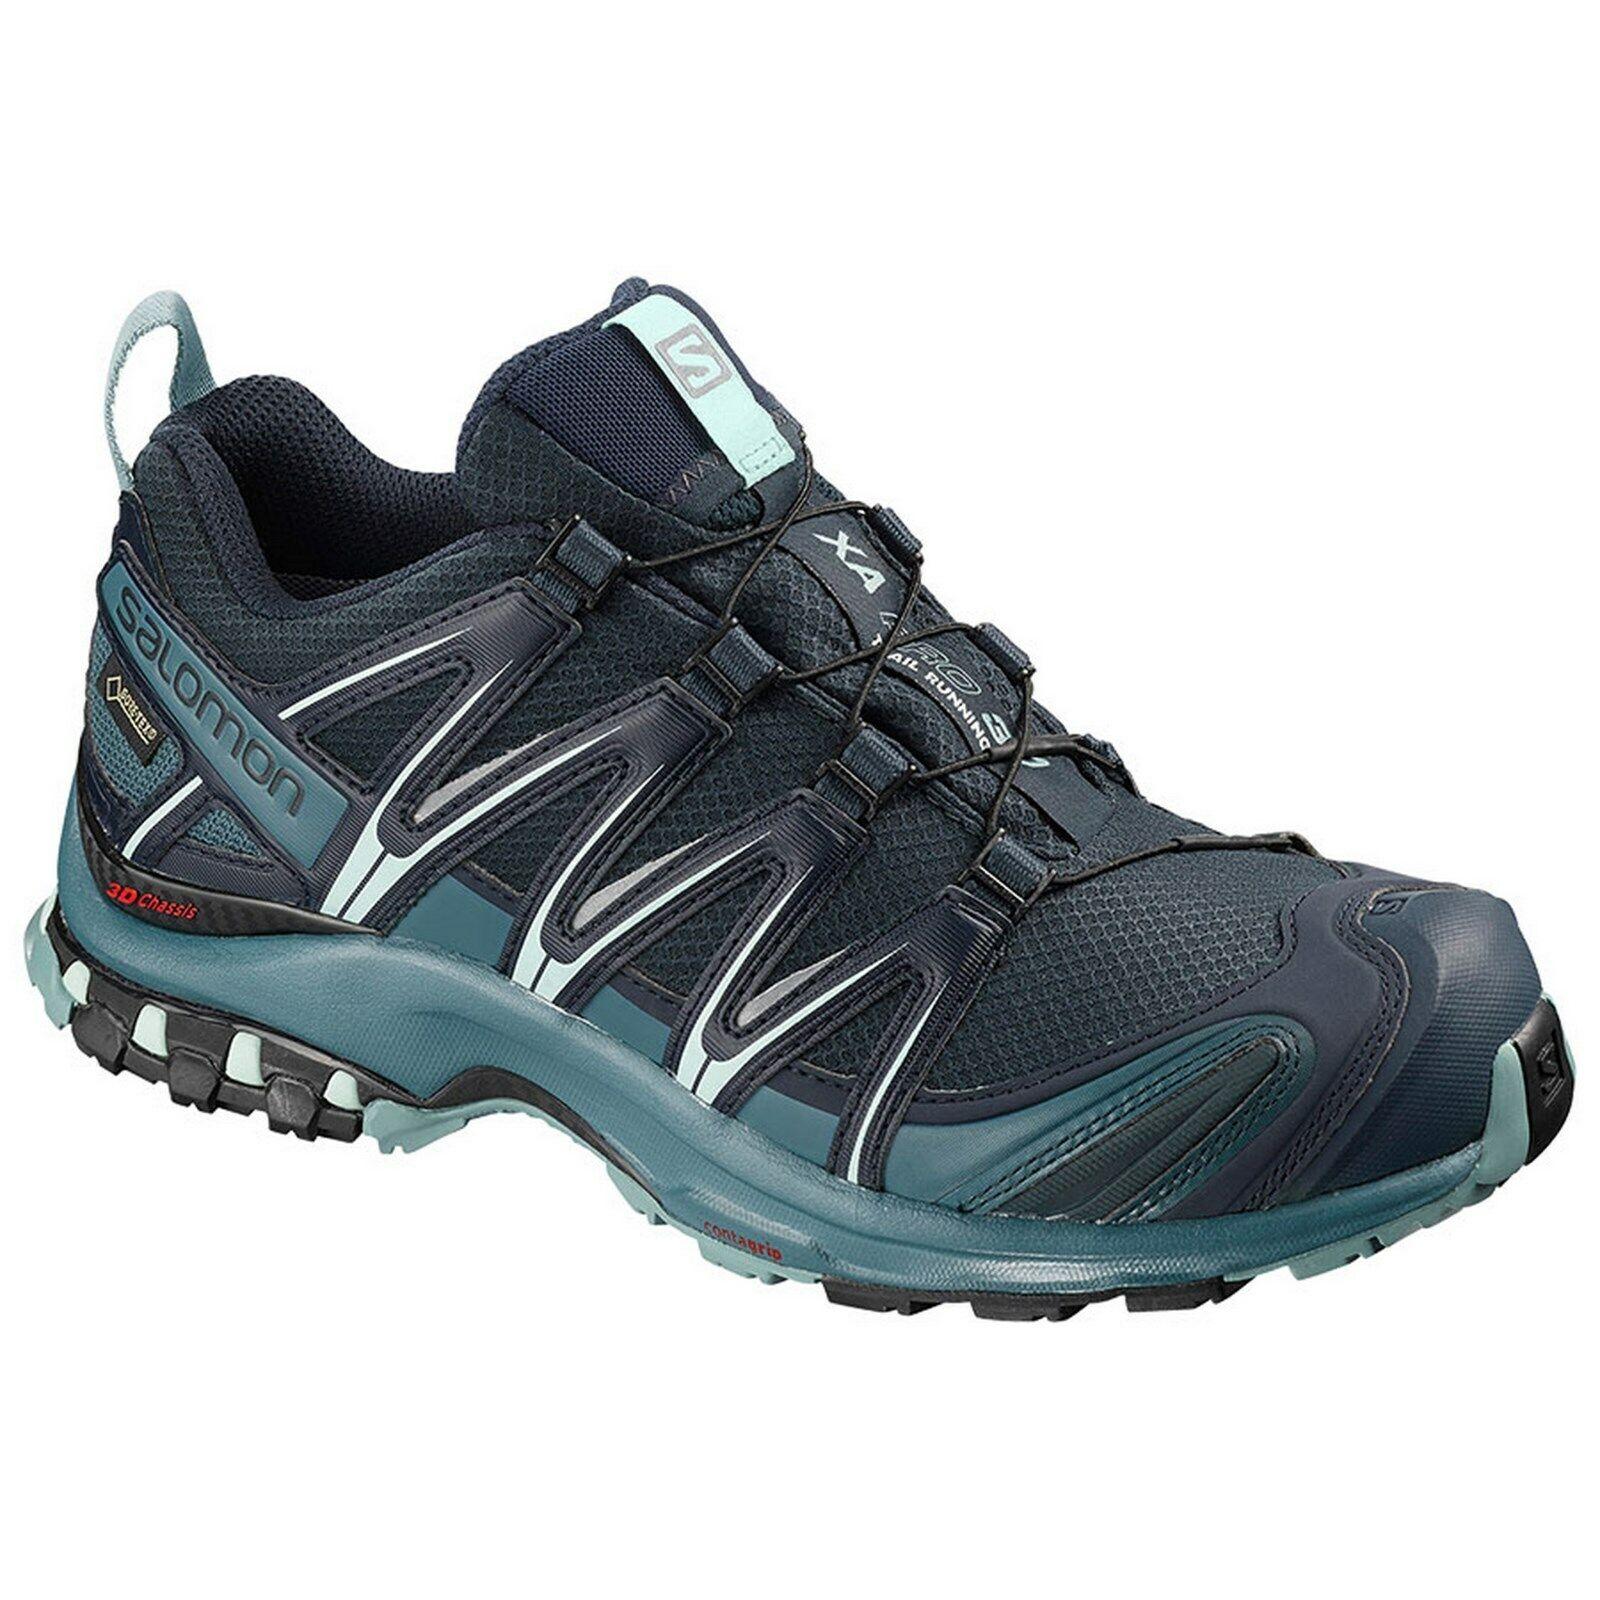 SALOMON DaSie wasserdichte Trekkingschuhe XA PRO 3D GTX W's Schuhe NEU